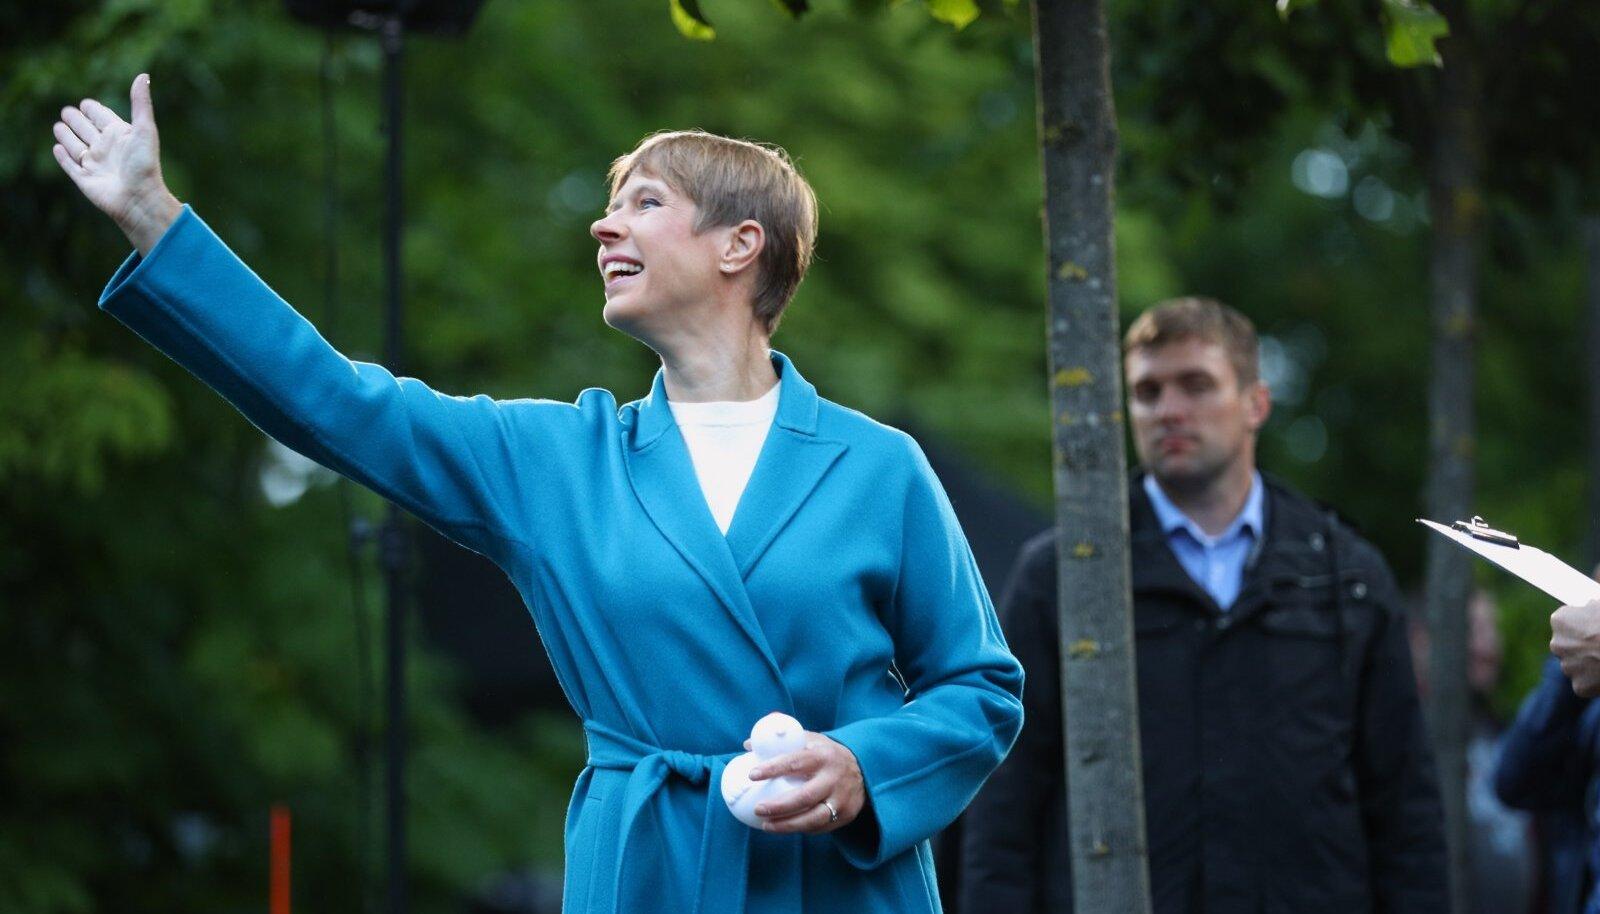 MIS SAAB PRESIDENDIST? Kersti Kaljulaidi teine ametiaeg on suure kahtluse all. Samuti taandas ta end OECD juhi konkursilt.